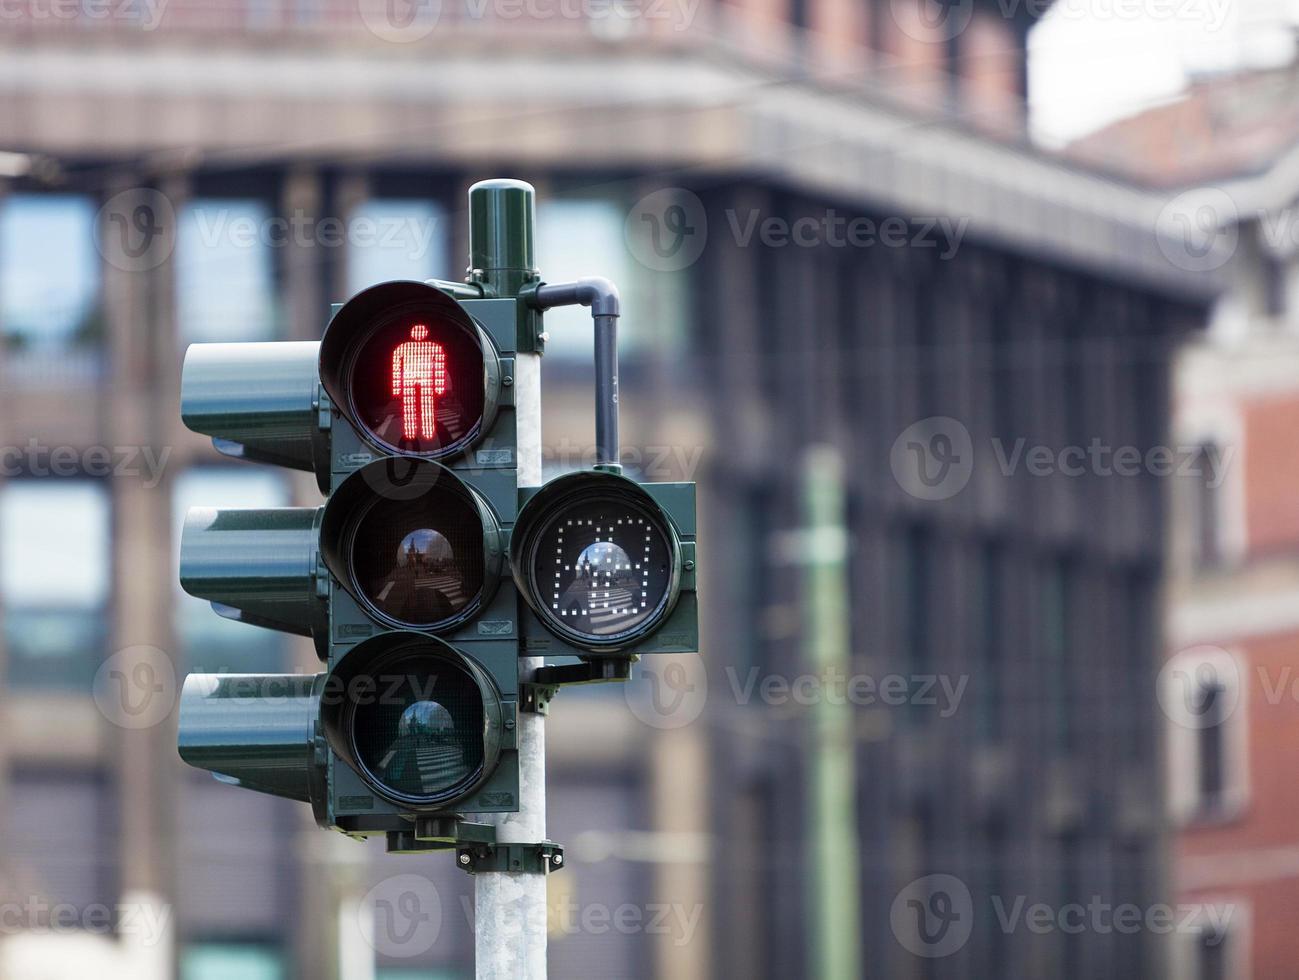 verkeerslicht met rood licht in Milaan foto